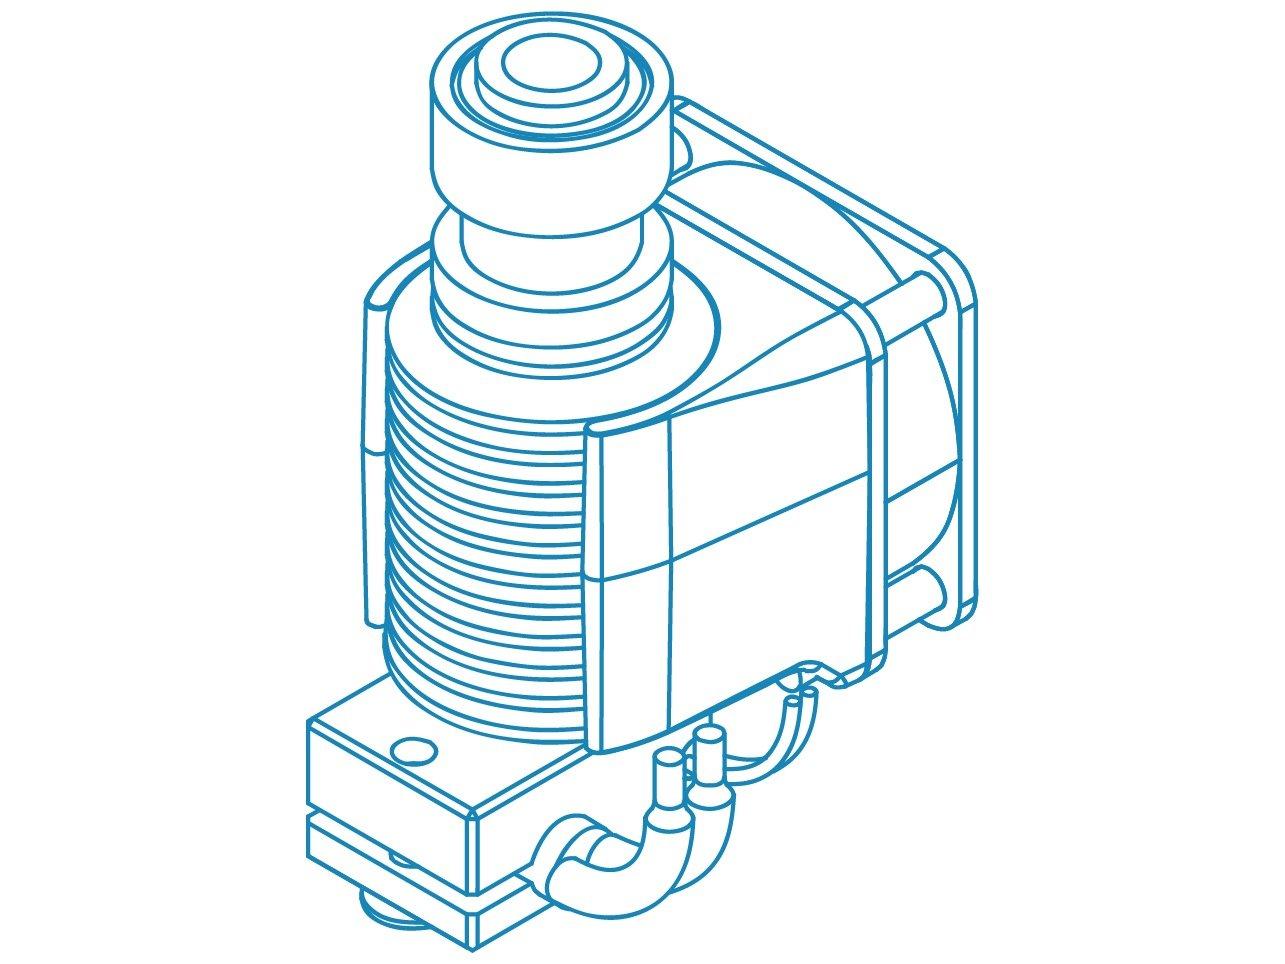 12V, Bowden High Performance 3D Printing 3mm Genuine E3D V6 HotEnd Kit for 3D Printer